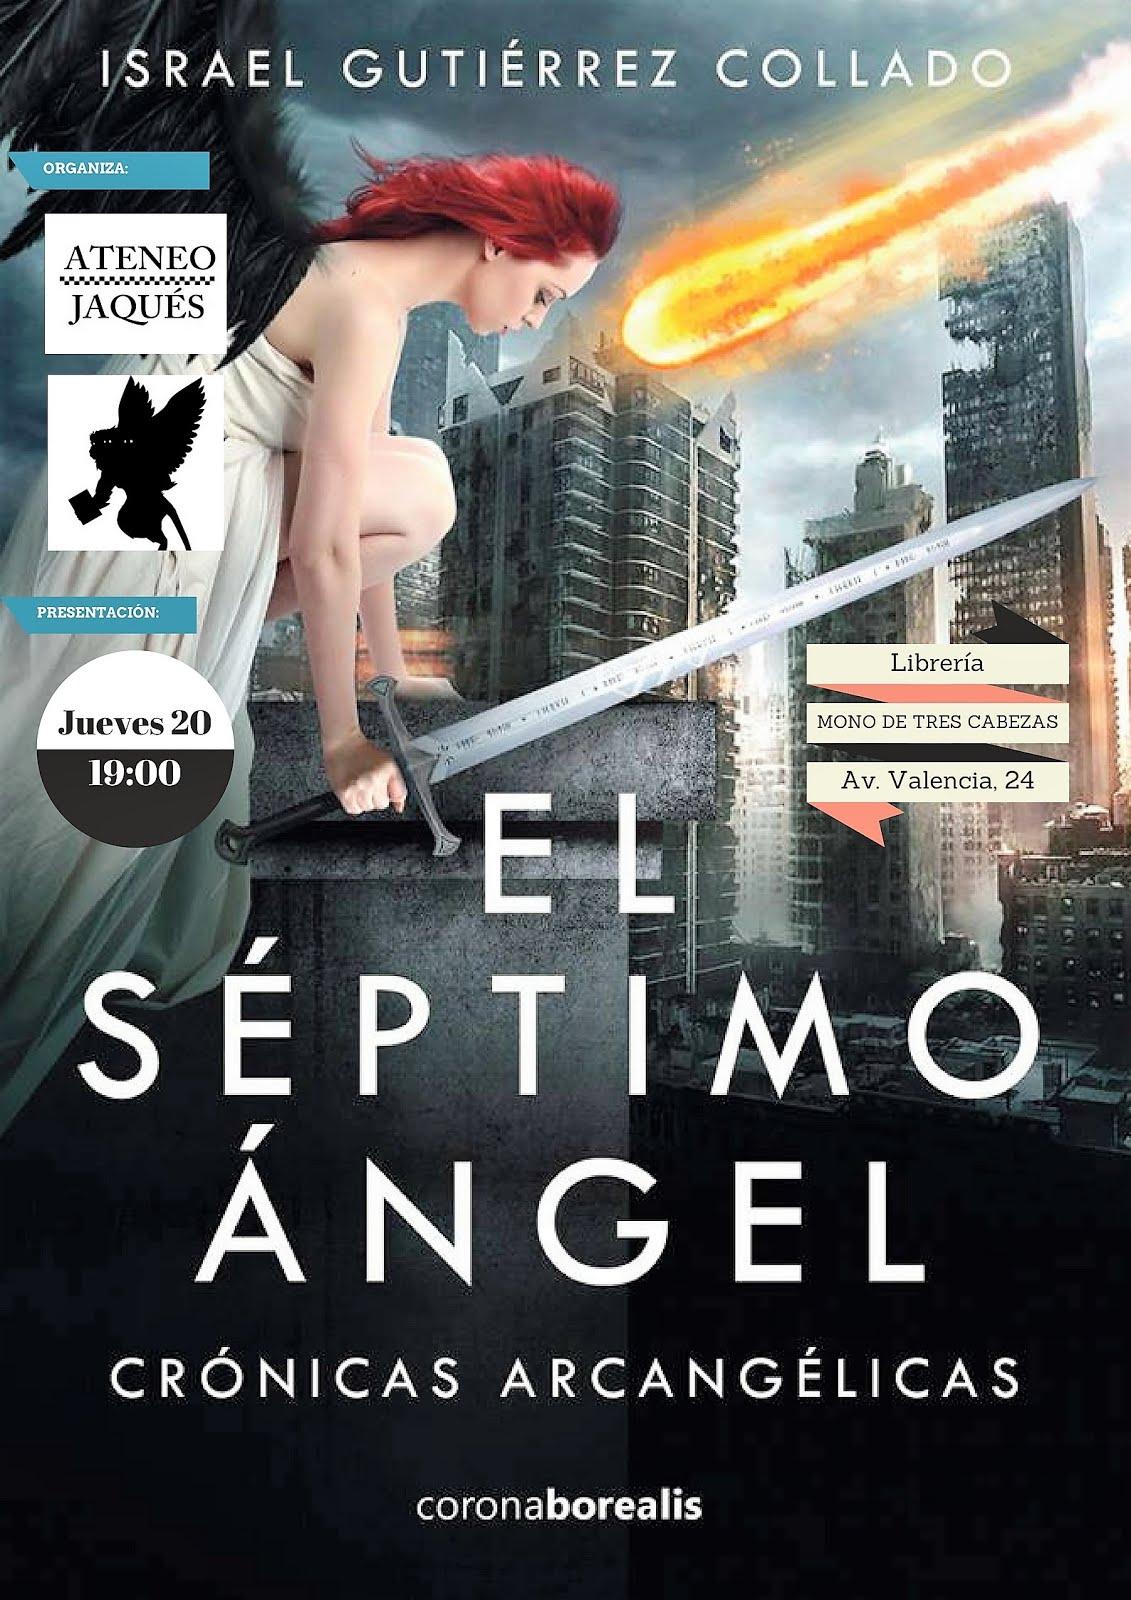 """JUEVES 20 abril (19,00) Presentación de """"El septimo ángel"""" de Israel Gutiérrez Collado"""